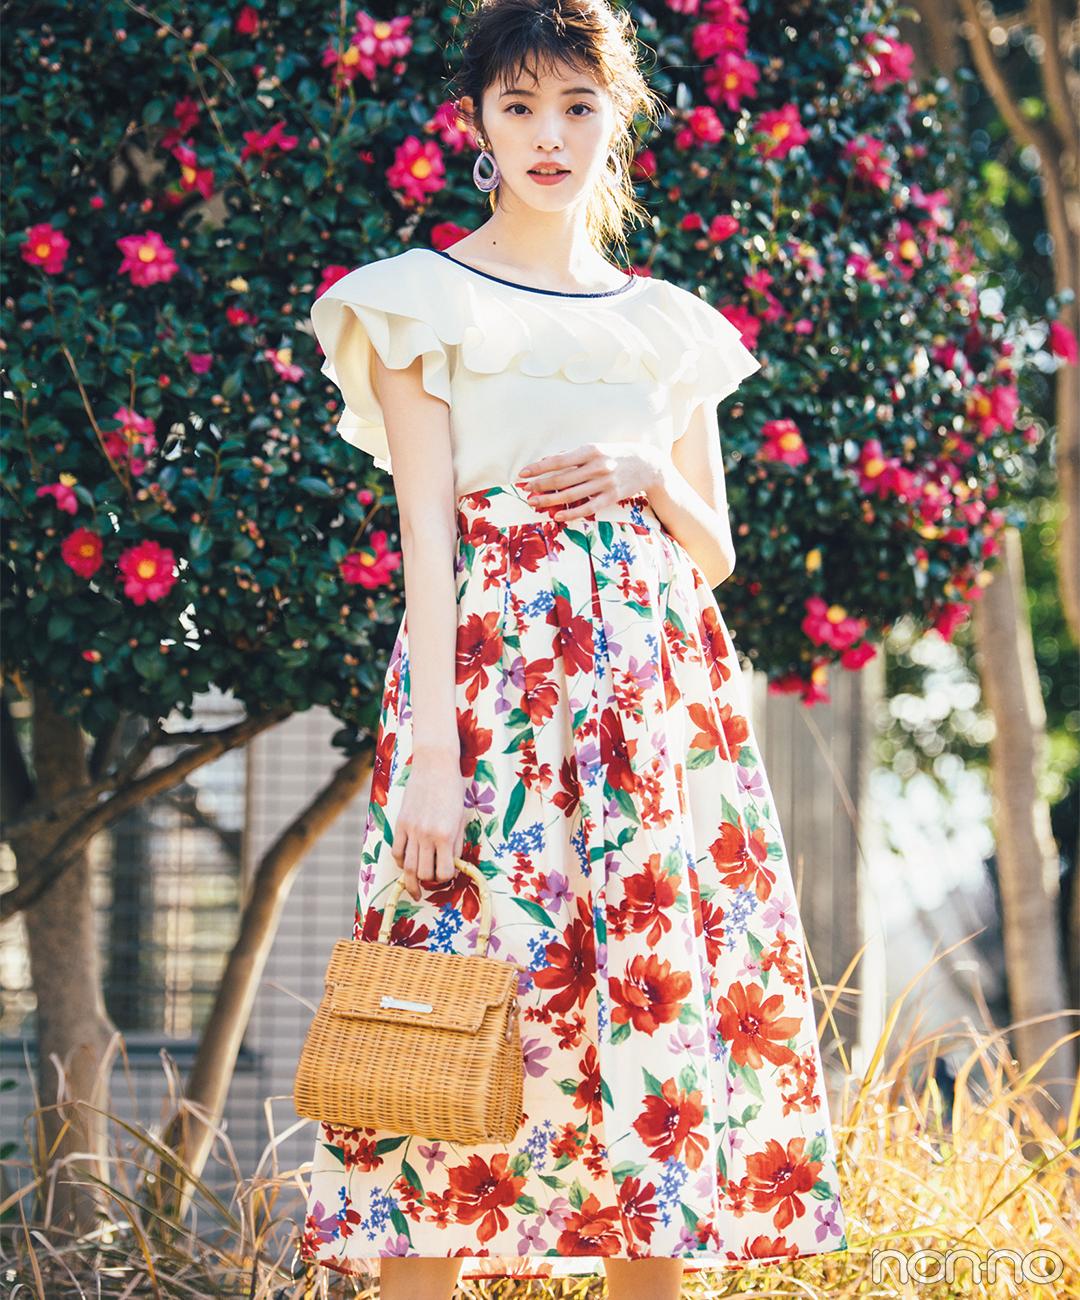 ドラマティックな花柄スカートを主役に♡ 春のデートコーデにもぴったり!【毎日コーデ】